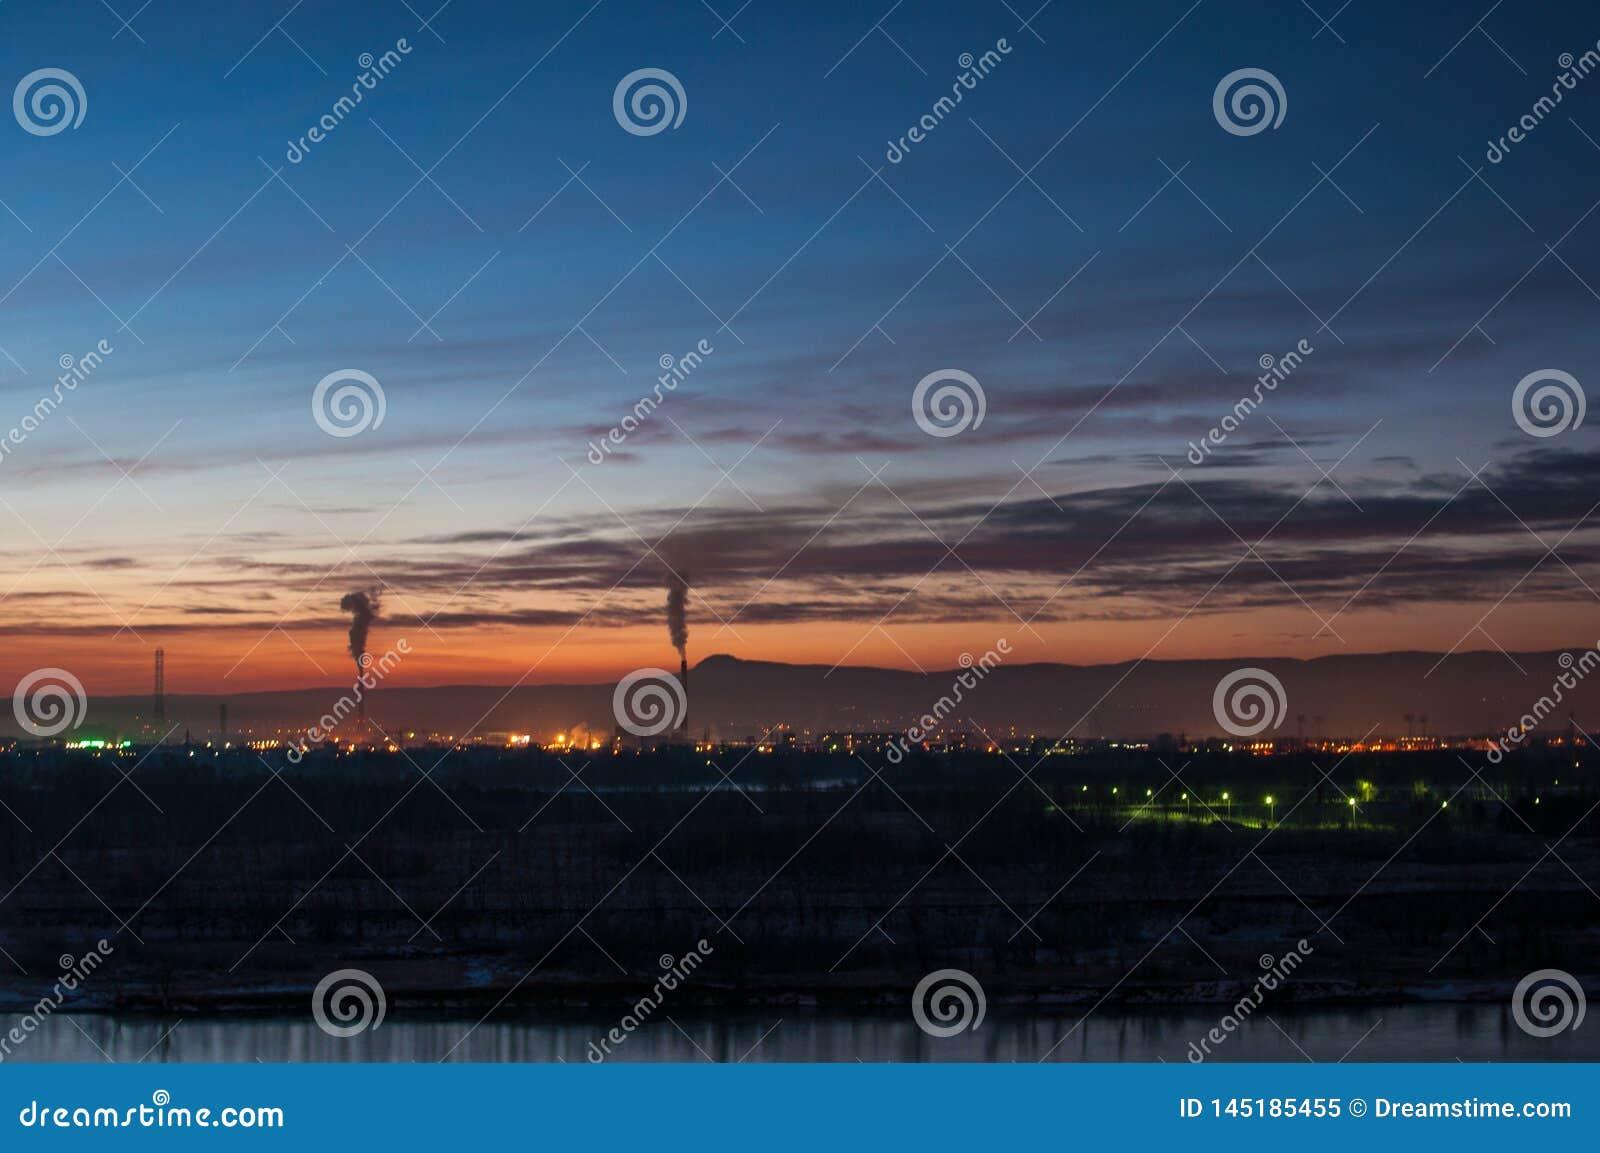 ?? 夜城市 叶尼塞的城市